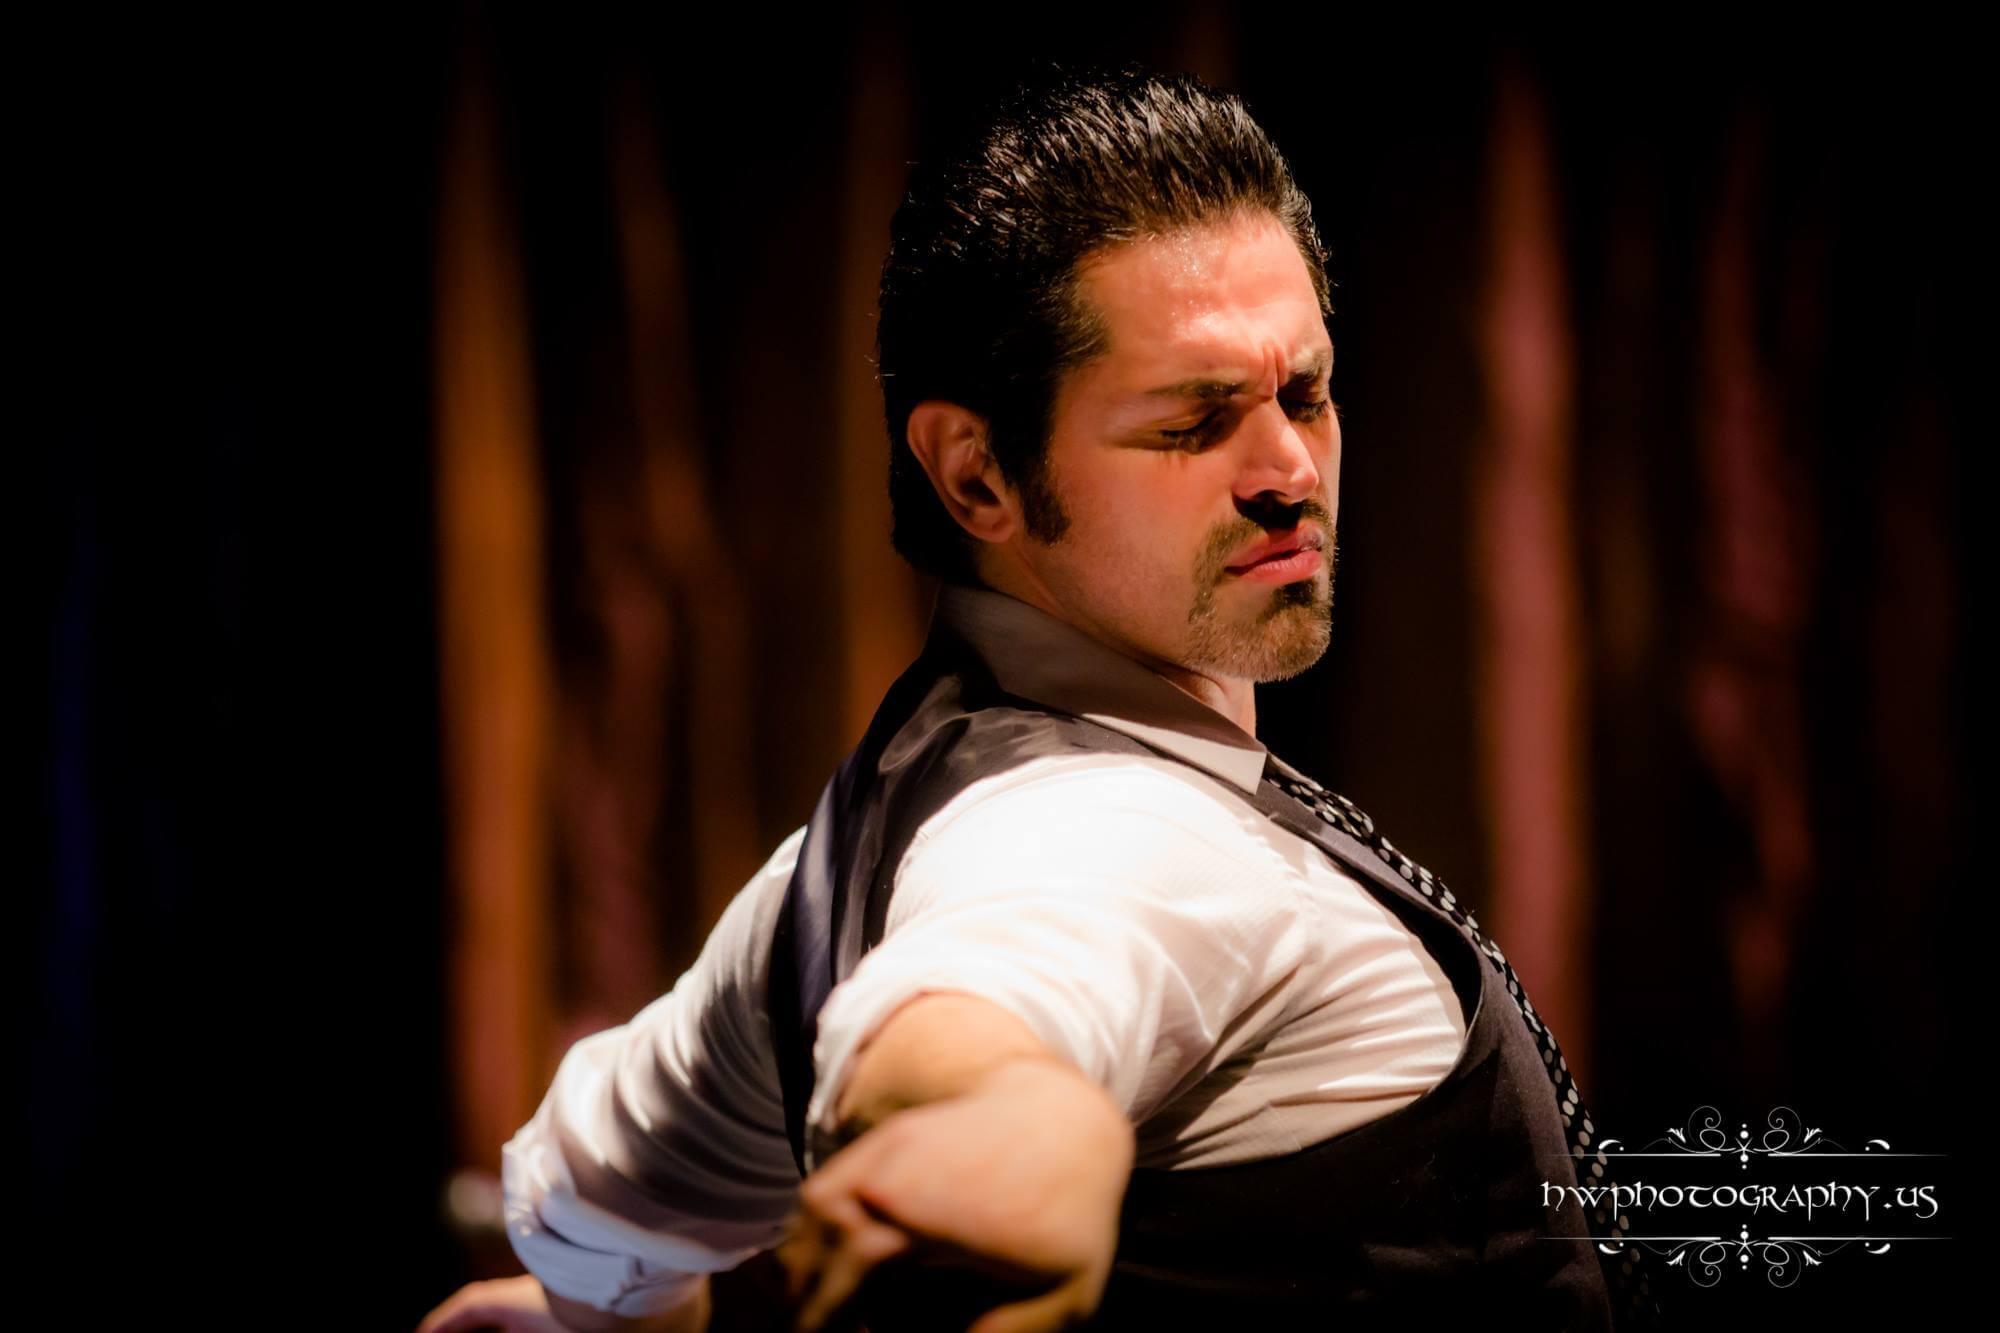 Carlos montufar flamenco for hire